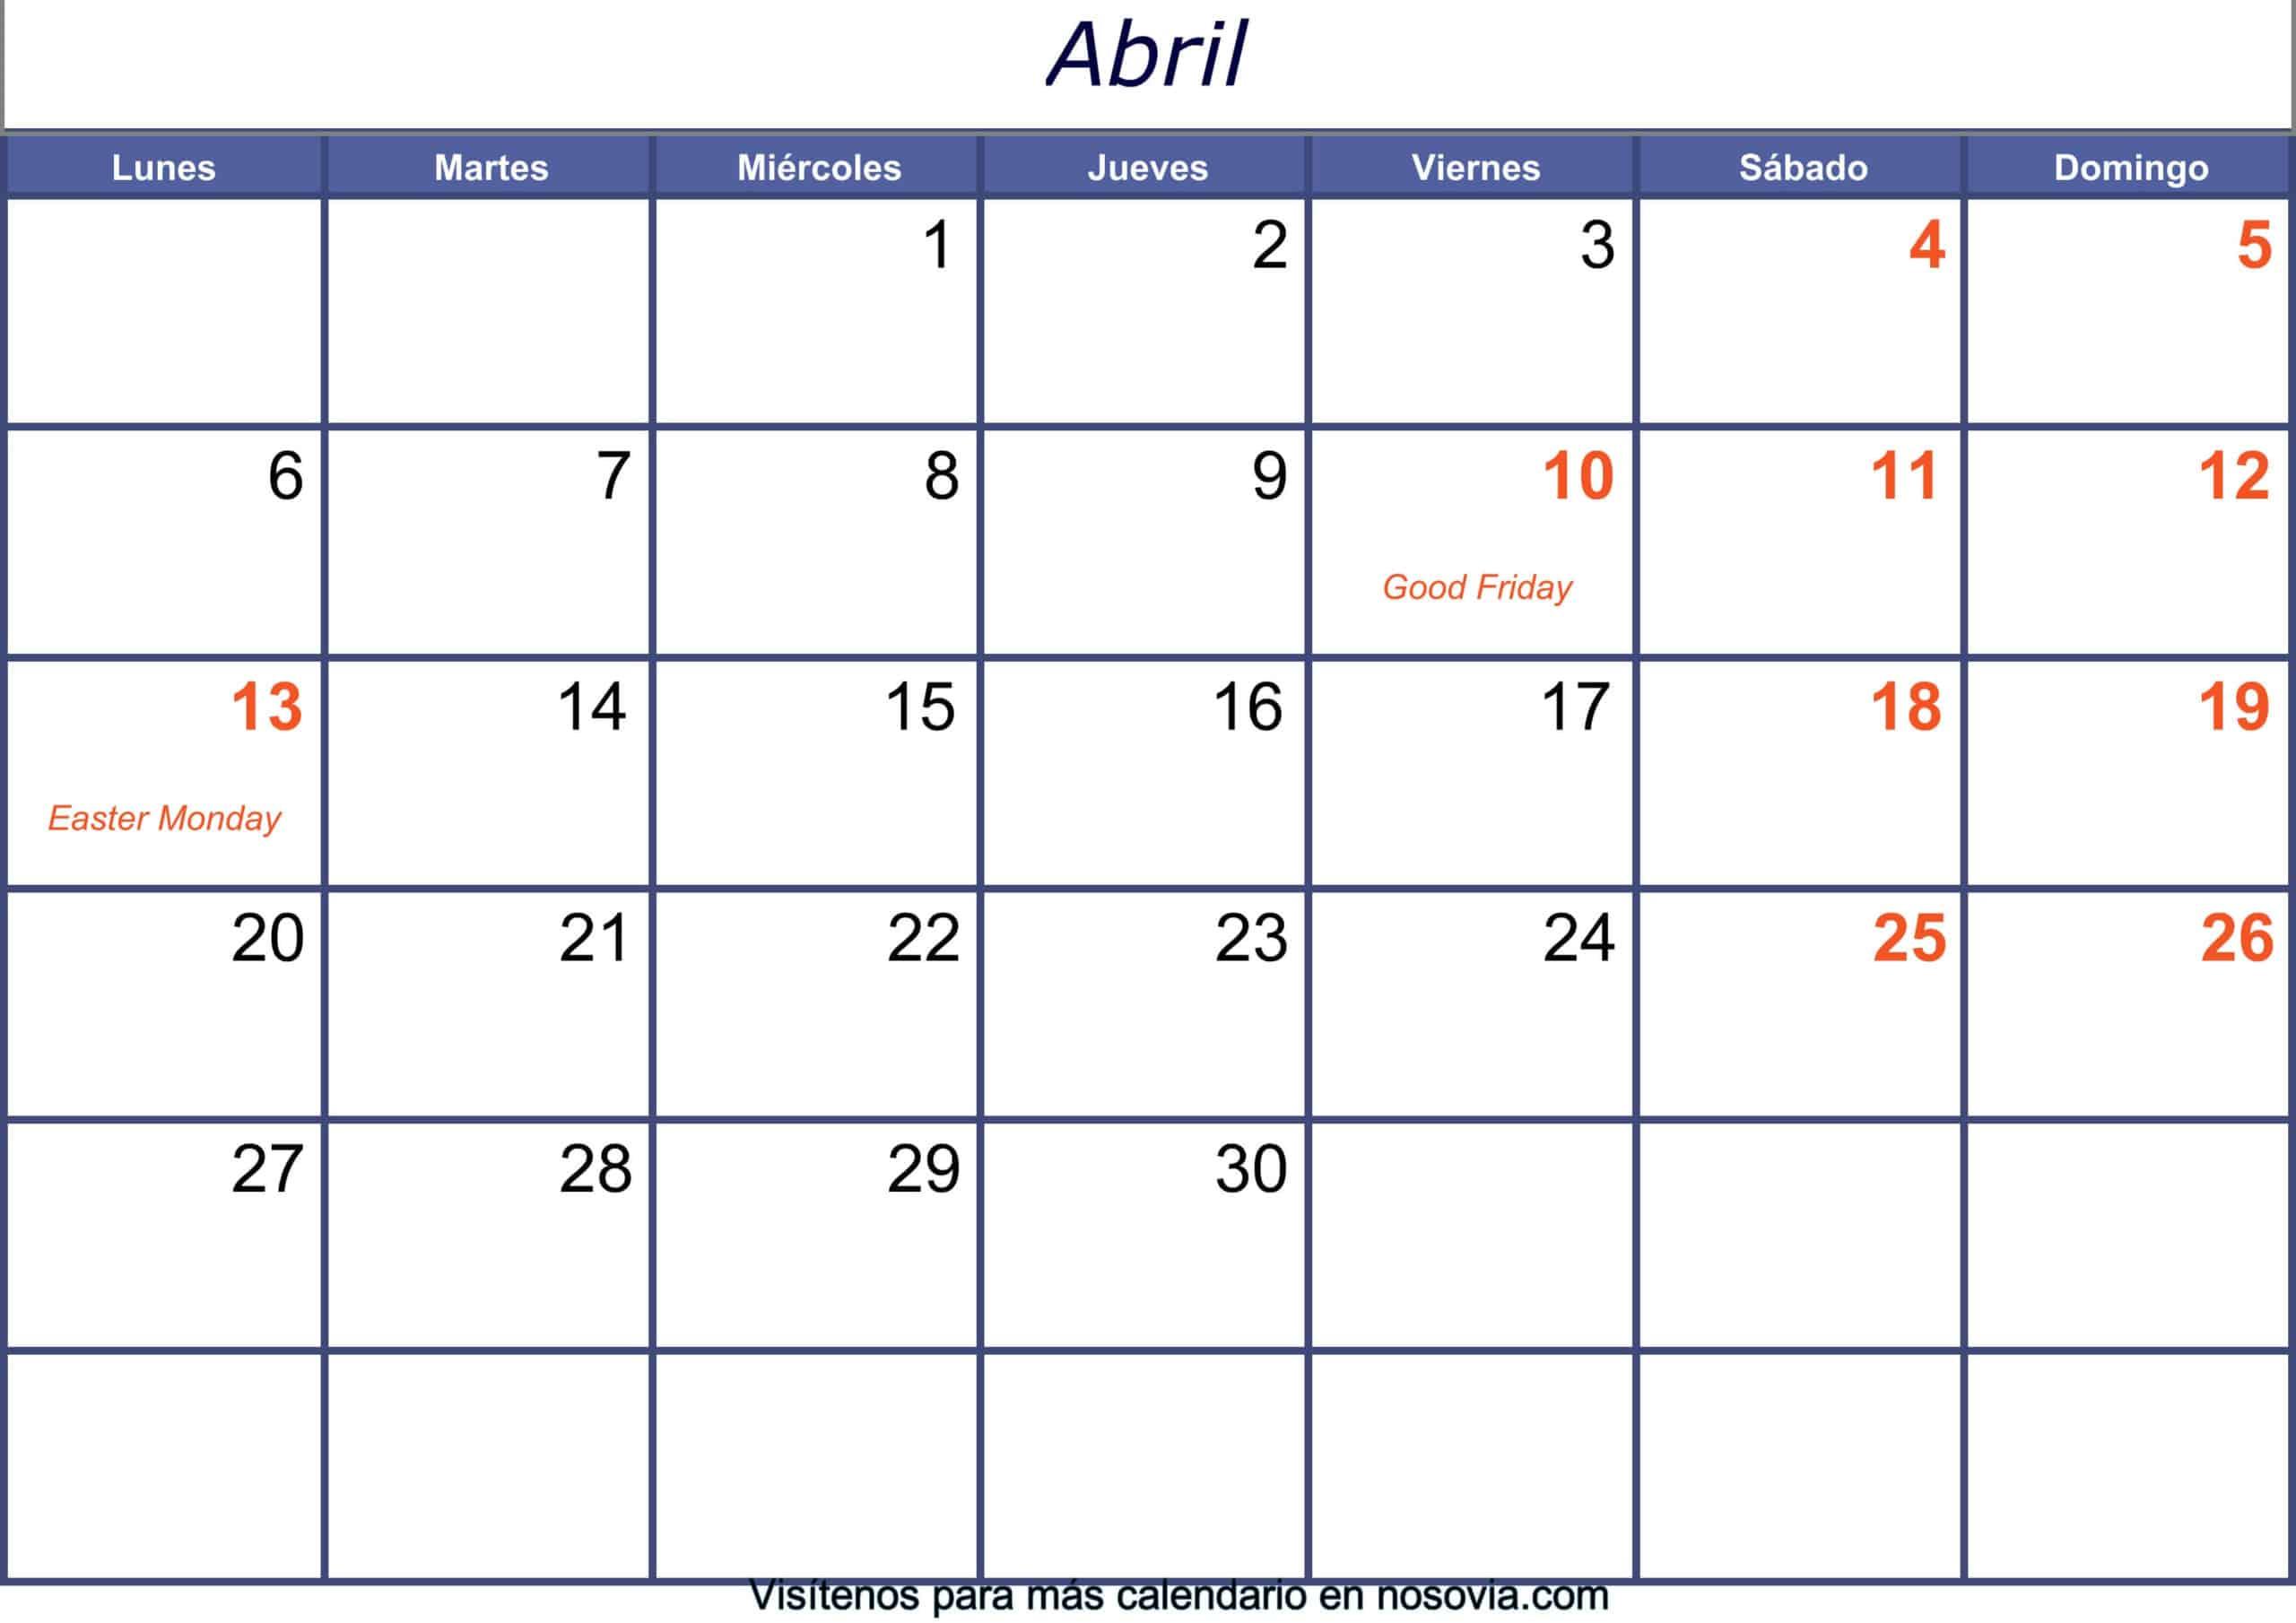 Calendario abril 2020 con festivos para imprimir